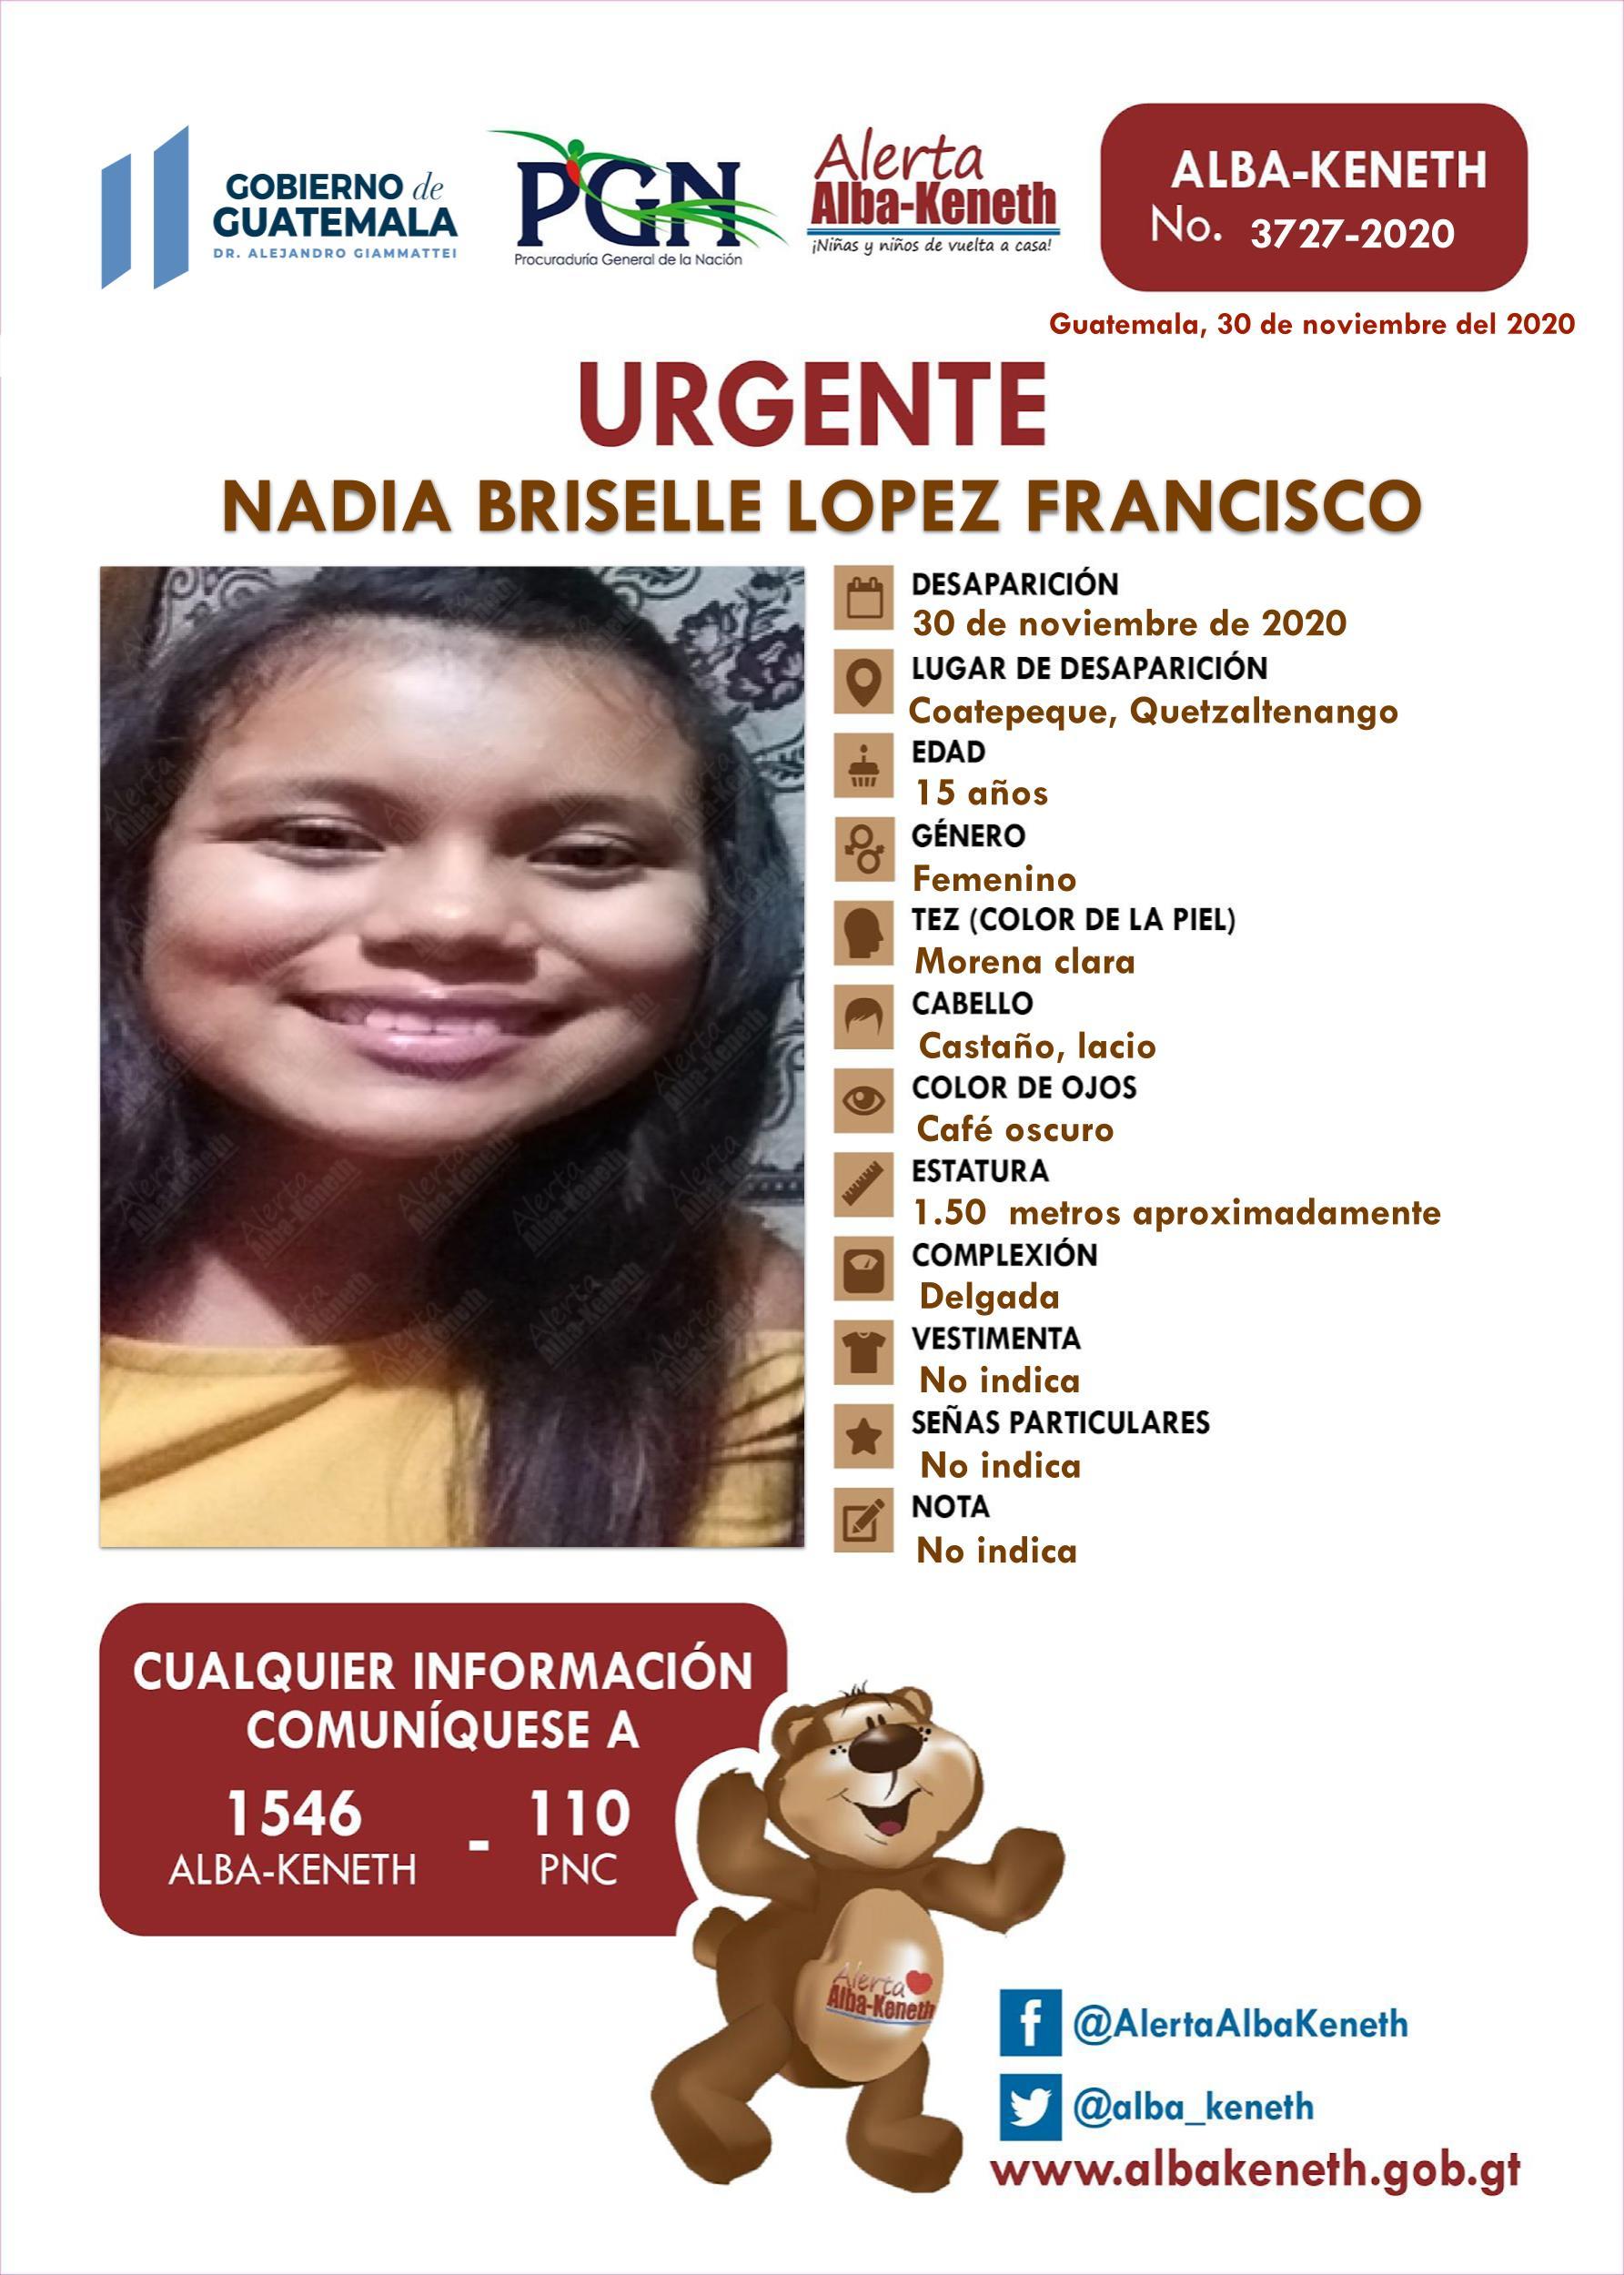 Nadia Briselle Lopez Francisco